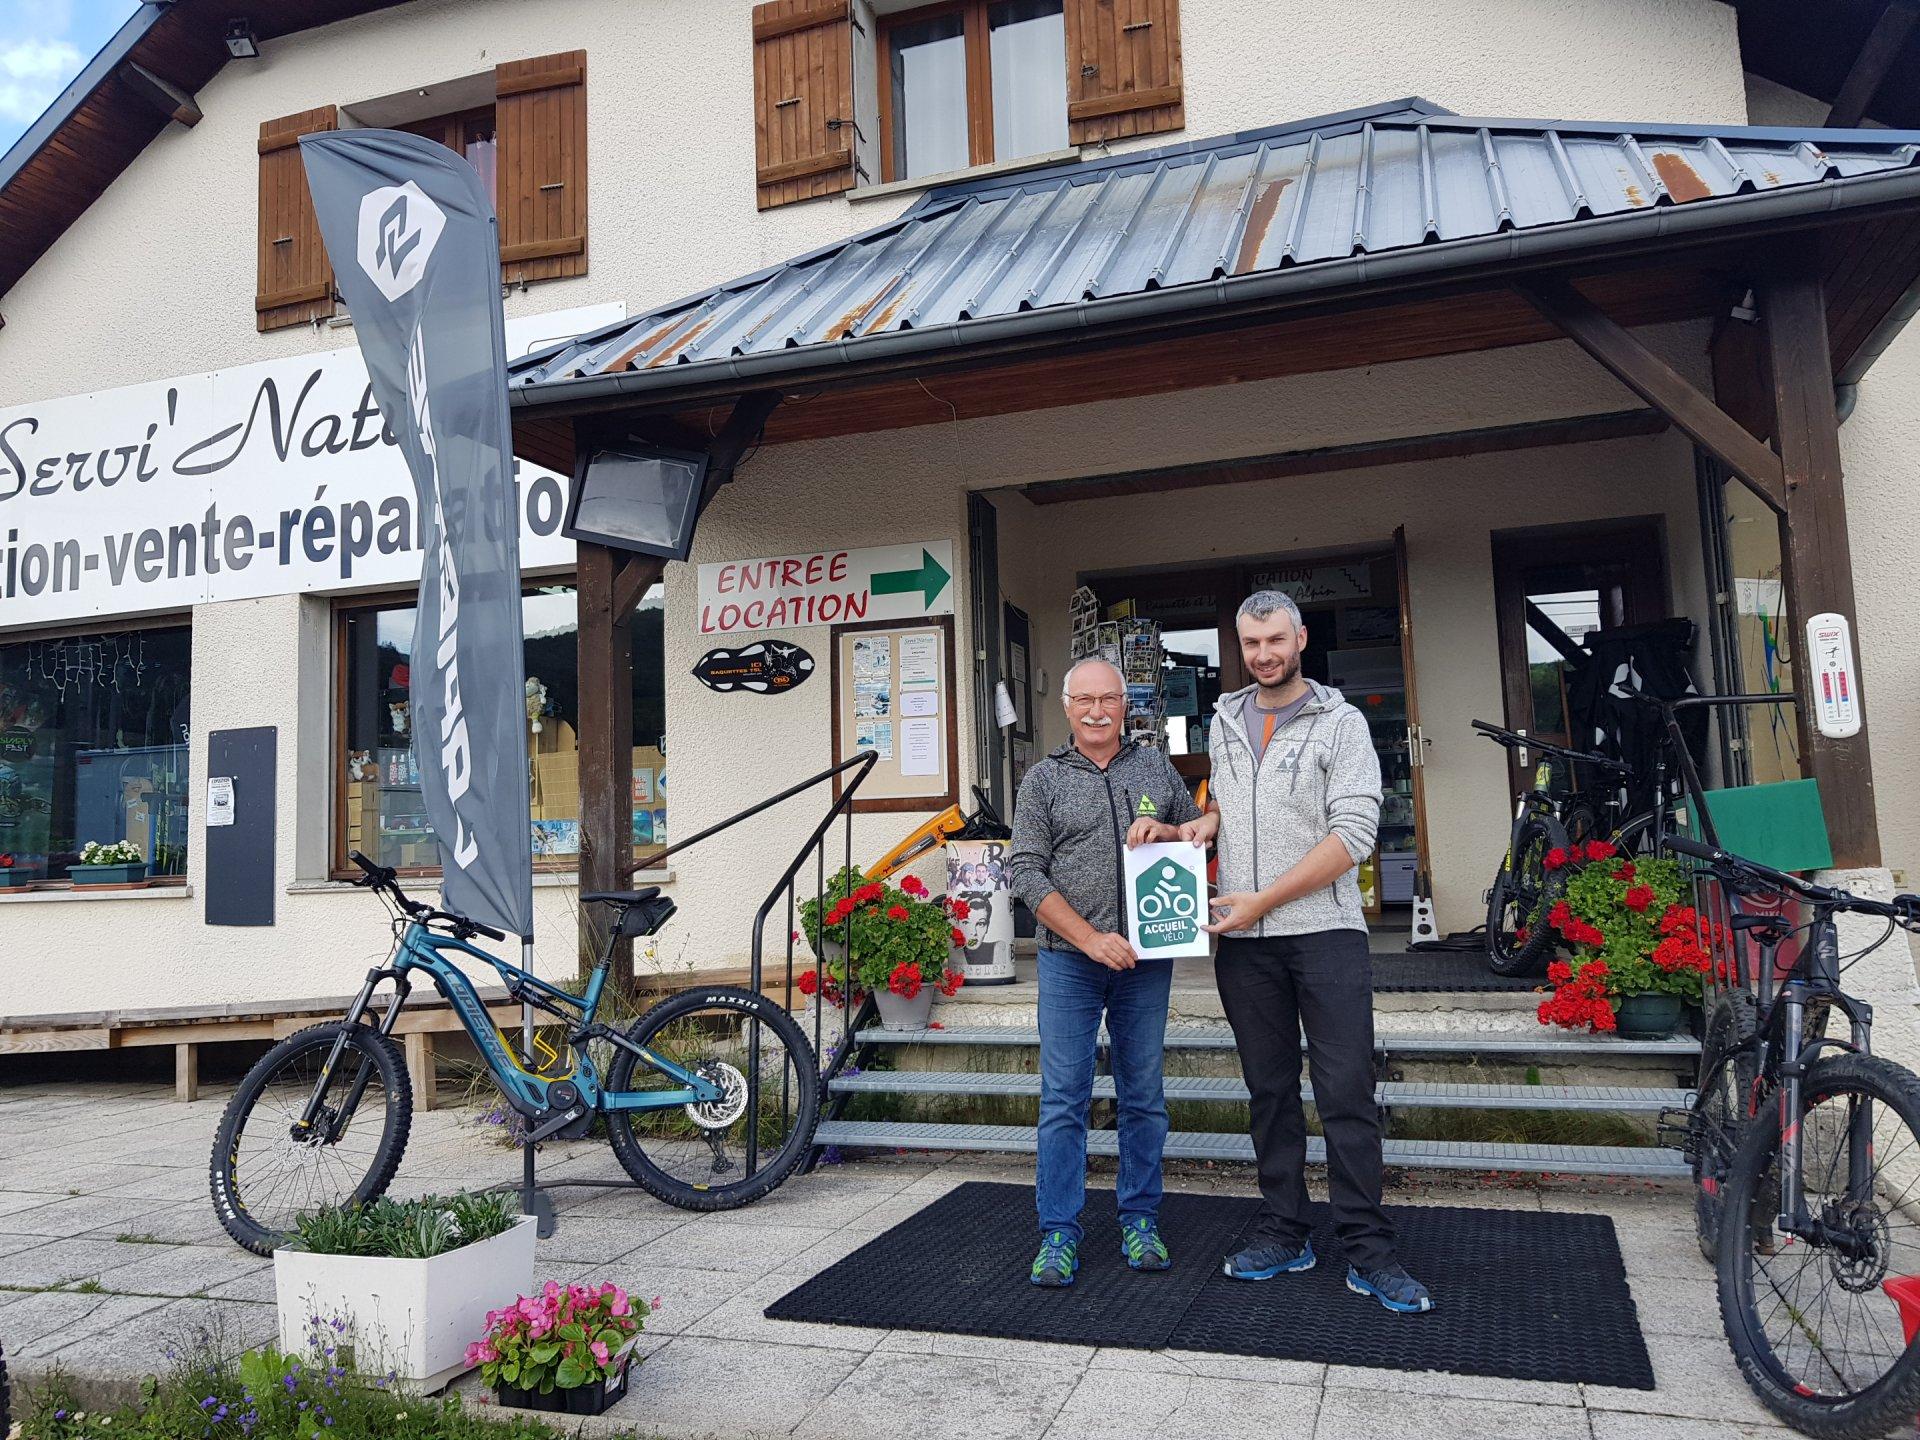 Servi'Nature : location et réparation de VTT et vélos à assistance électrique